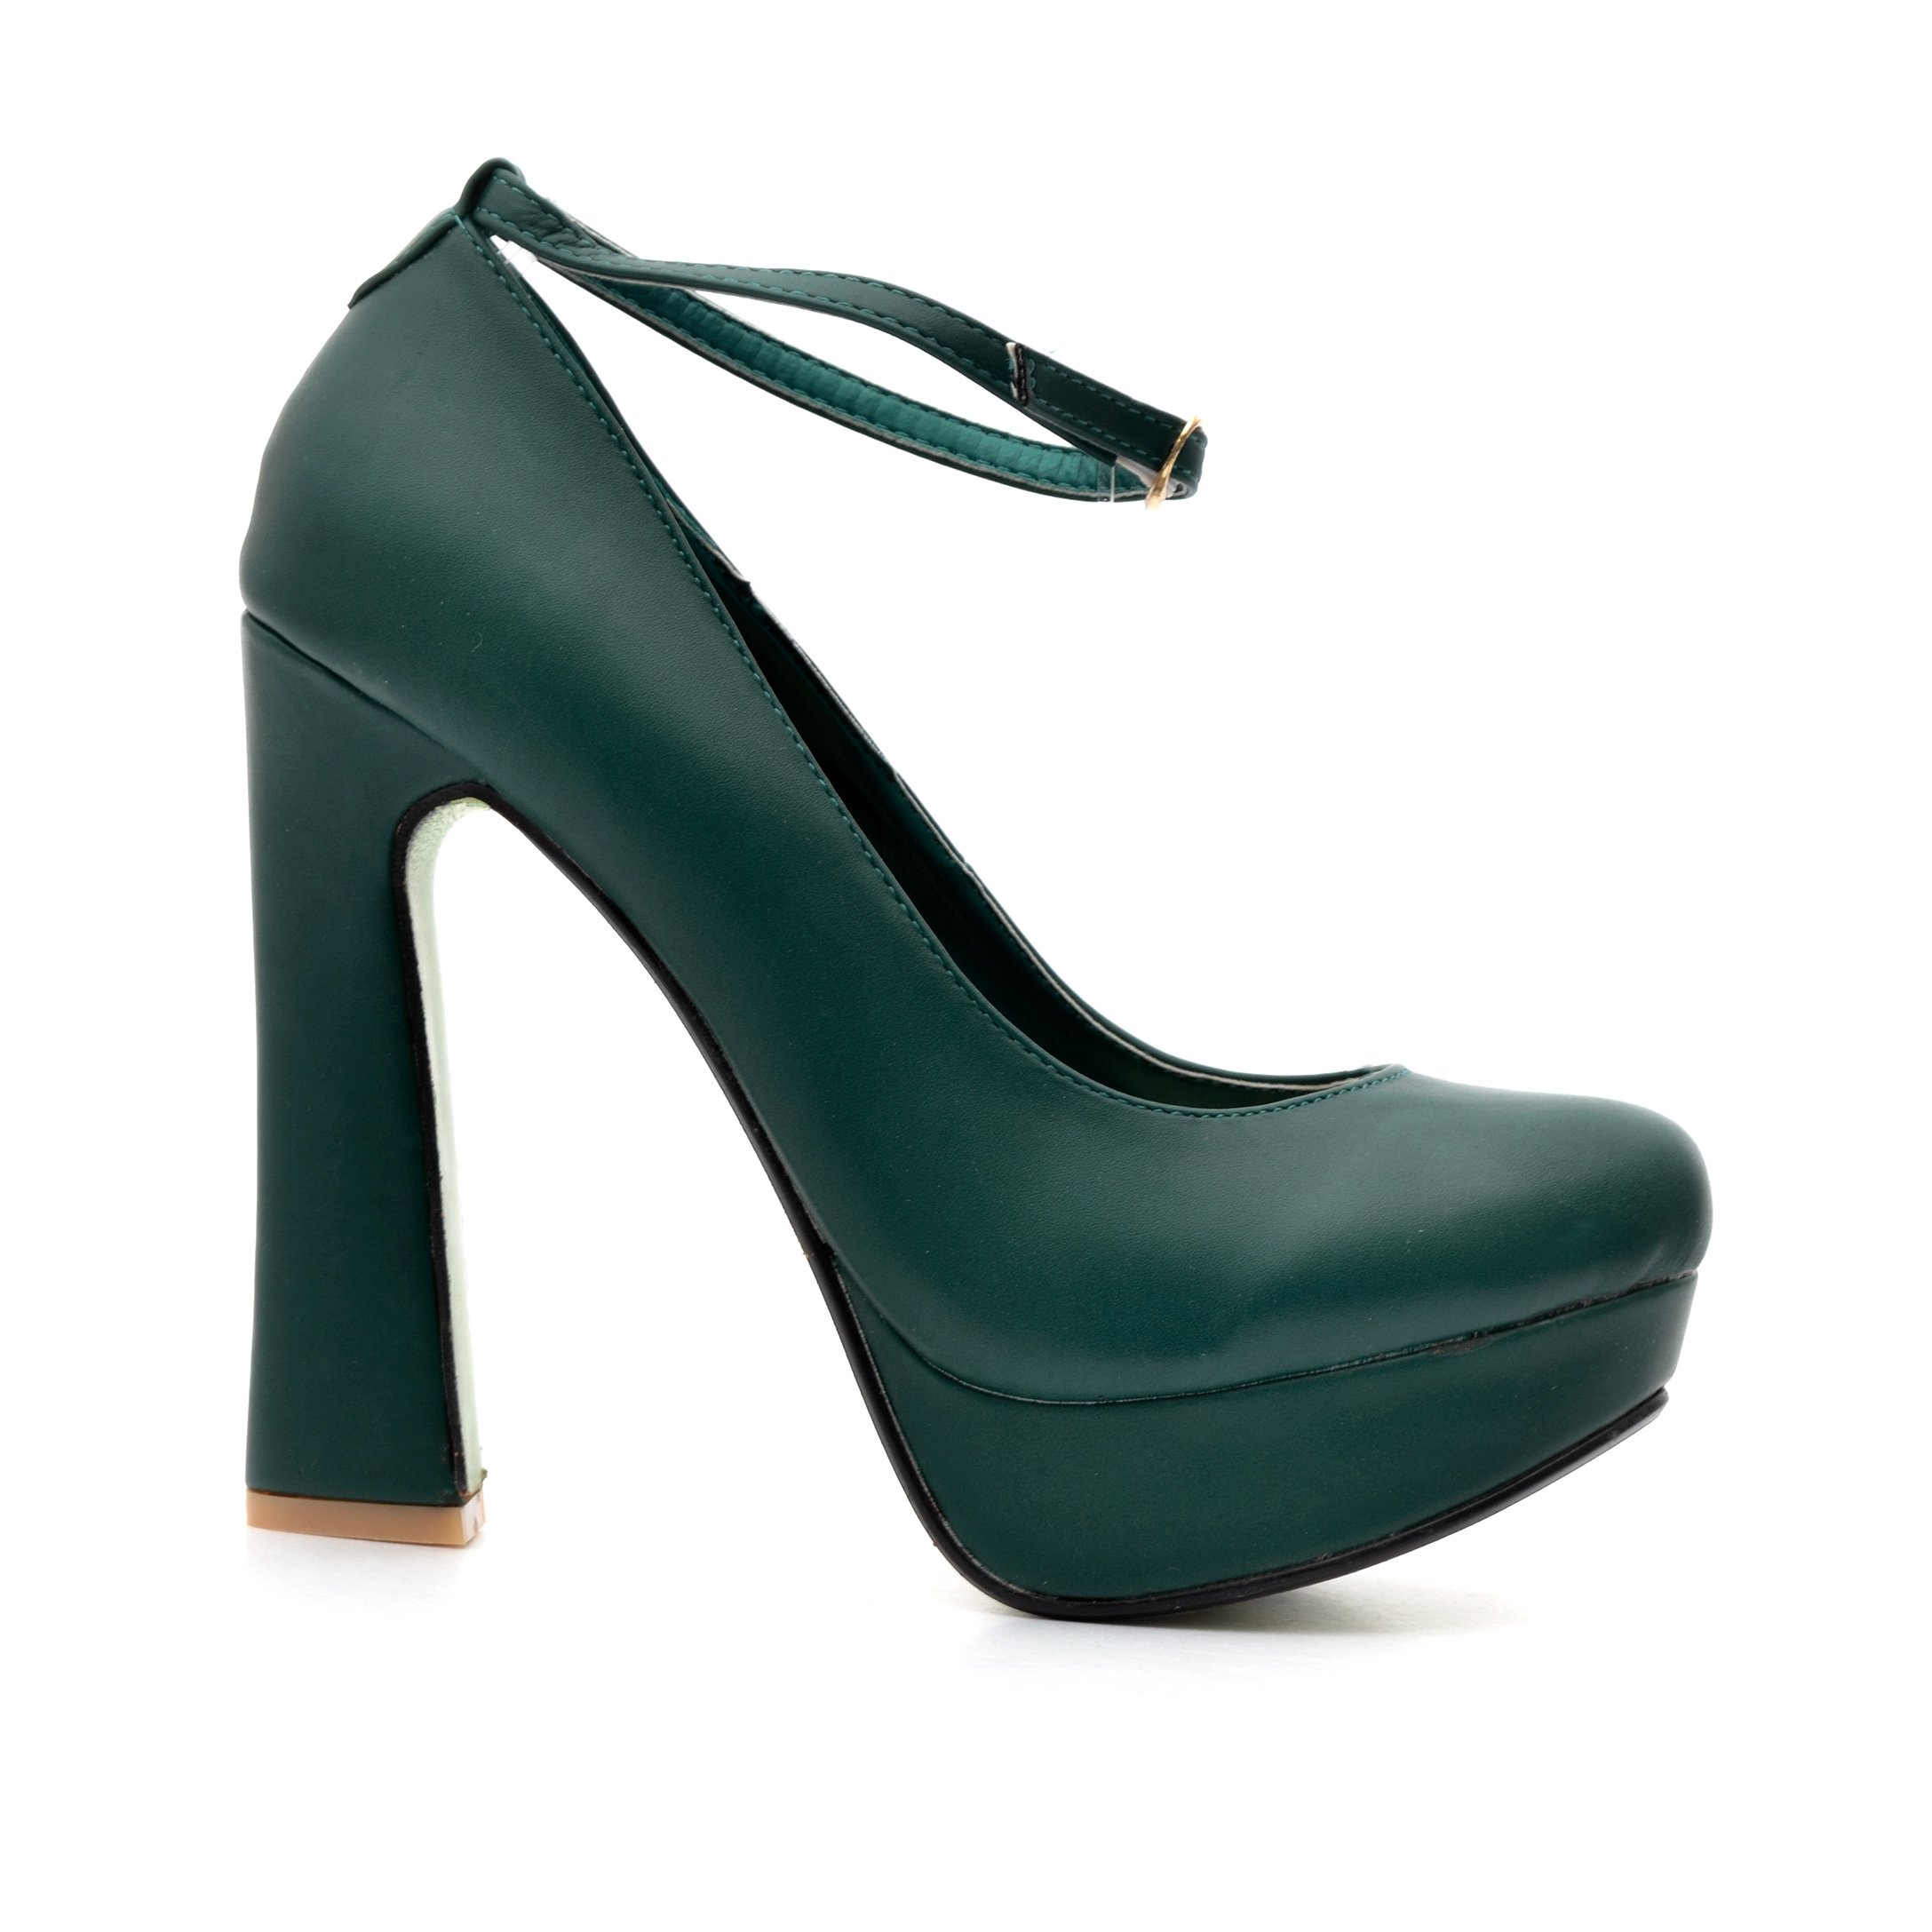 Pantofi dama Kitana verzi